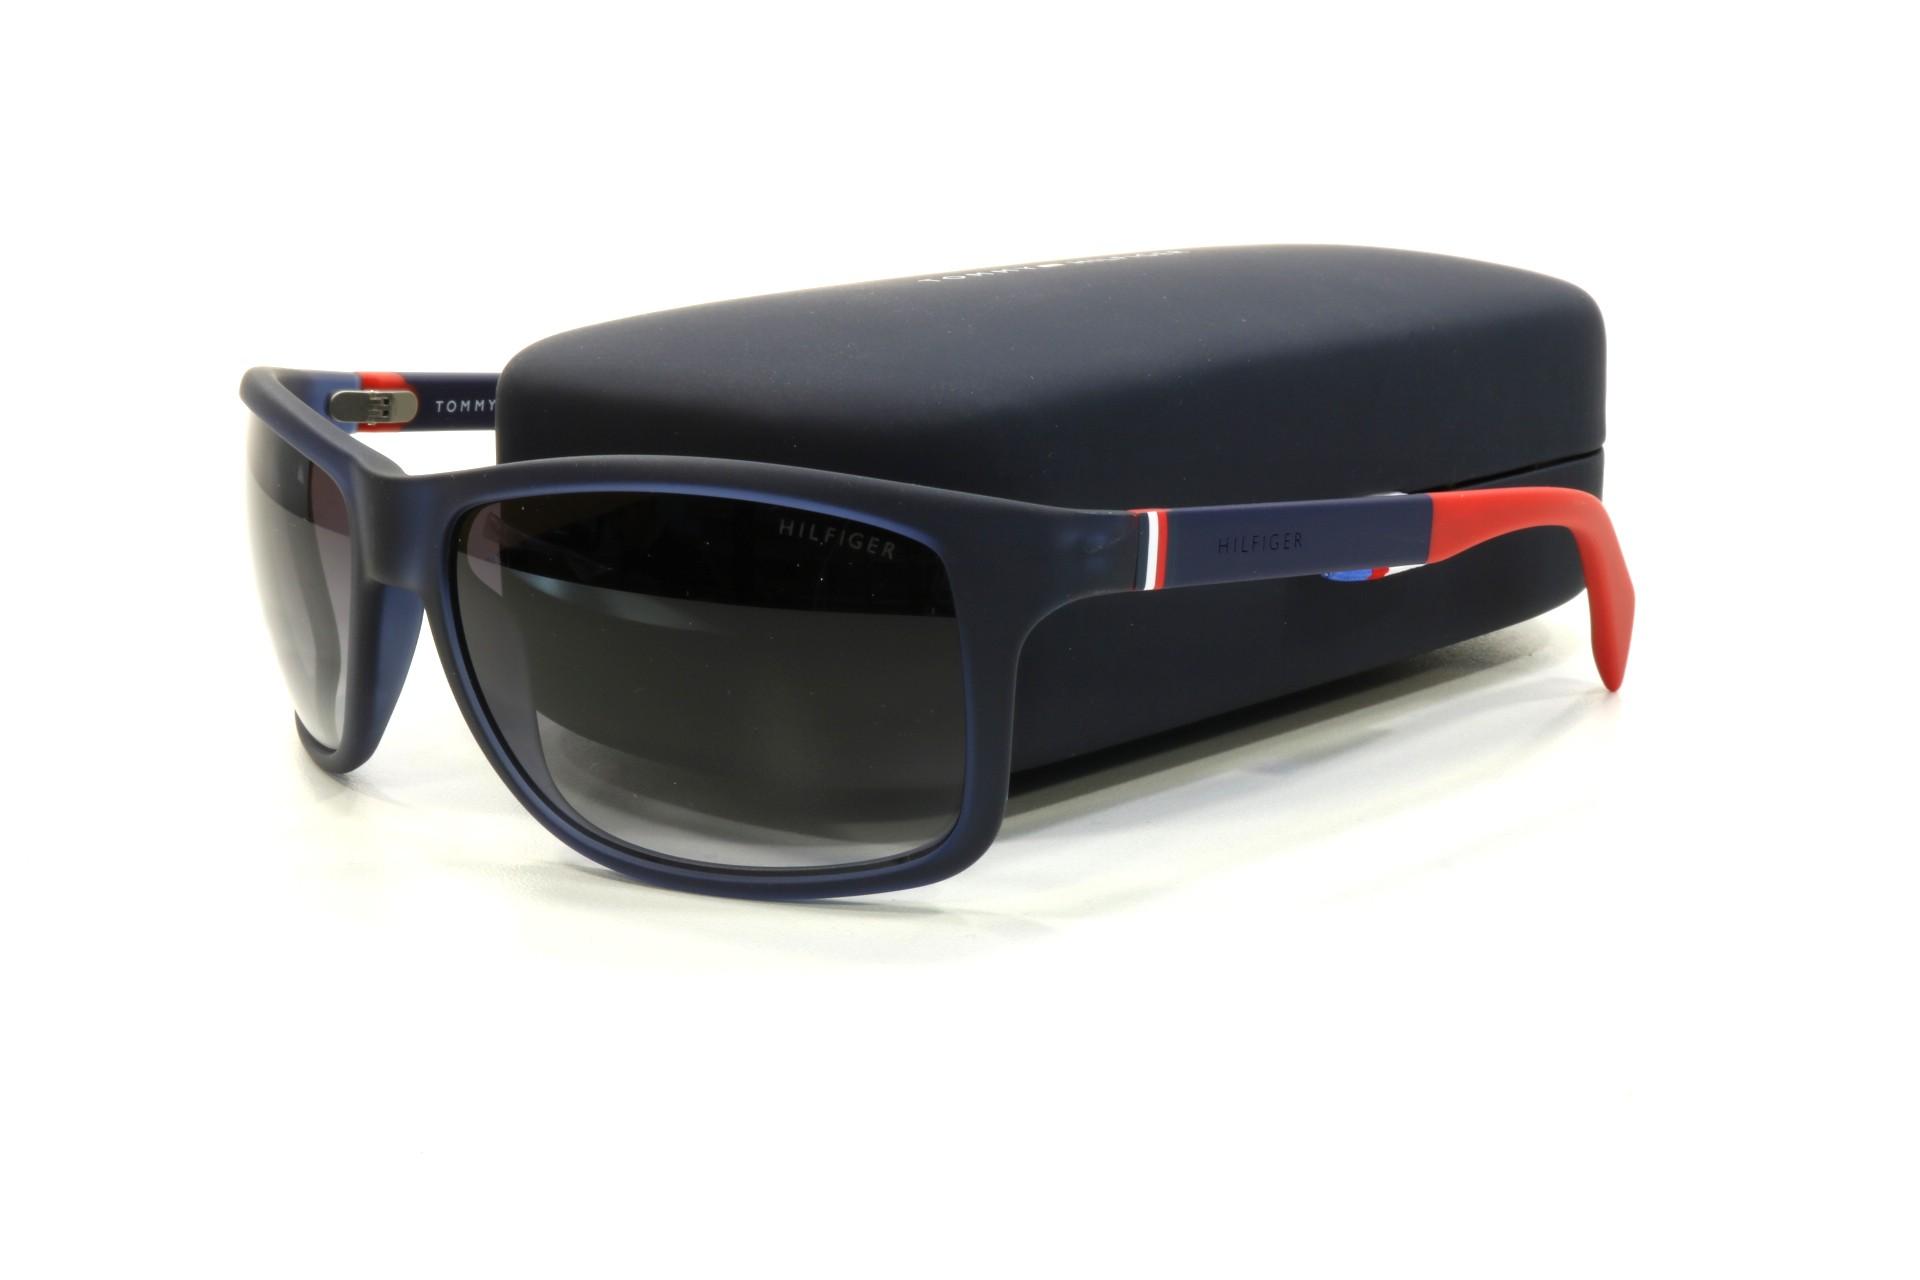 Солнцезащитные очки Tommy Hilfiger 1257 S 4NK JJ 59 - купить по низкой цене  в интернет-магазине Линзмастер. 30d4d02b7e9